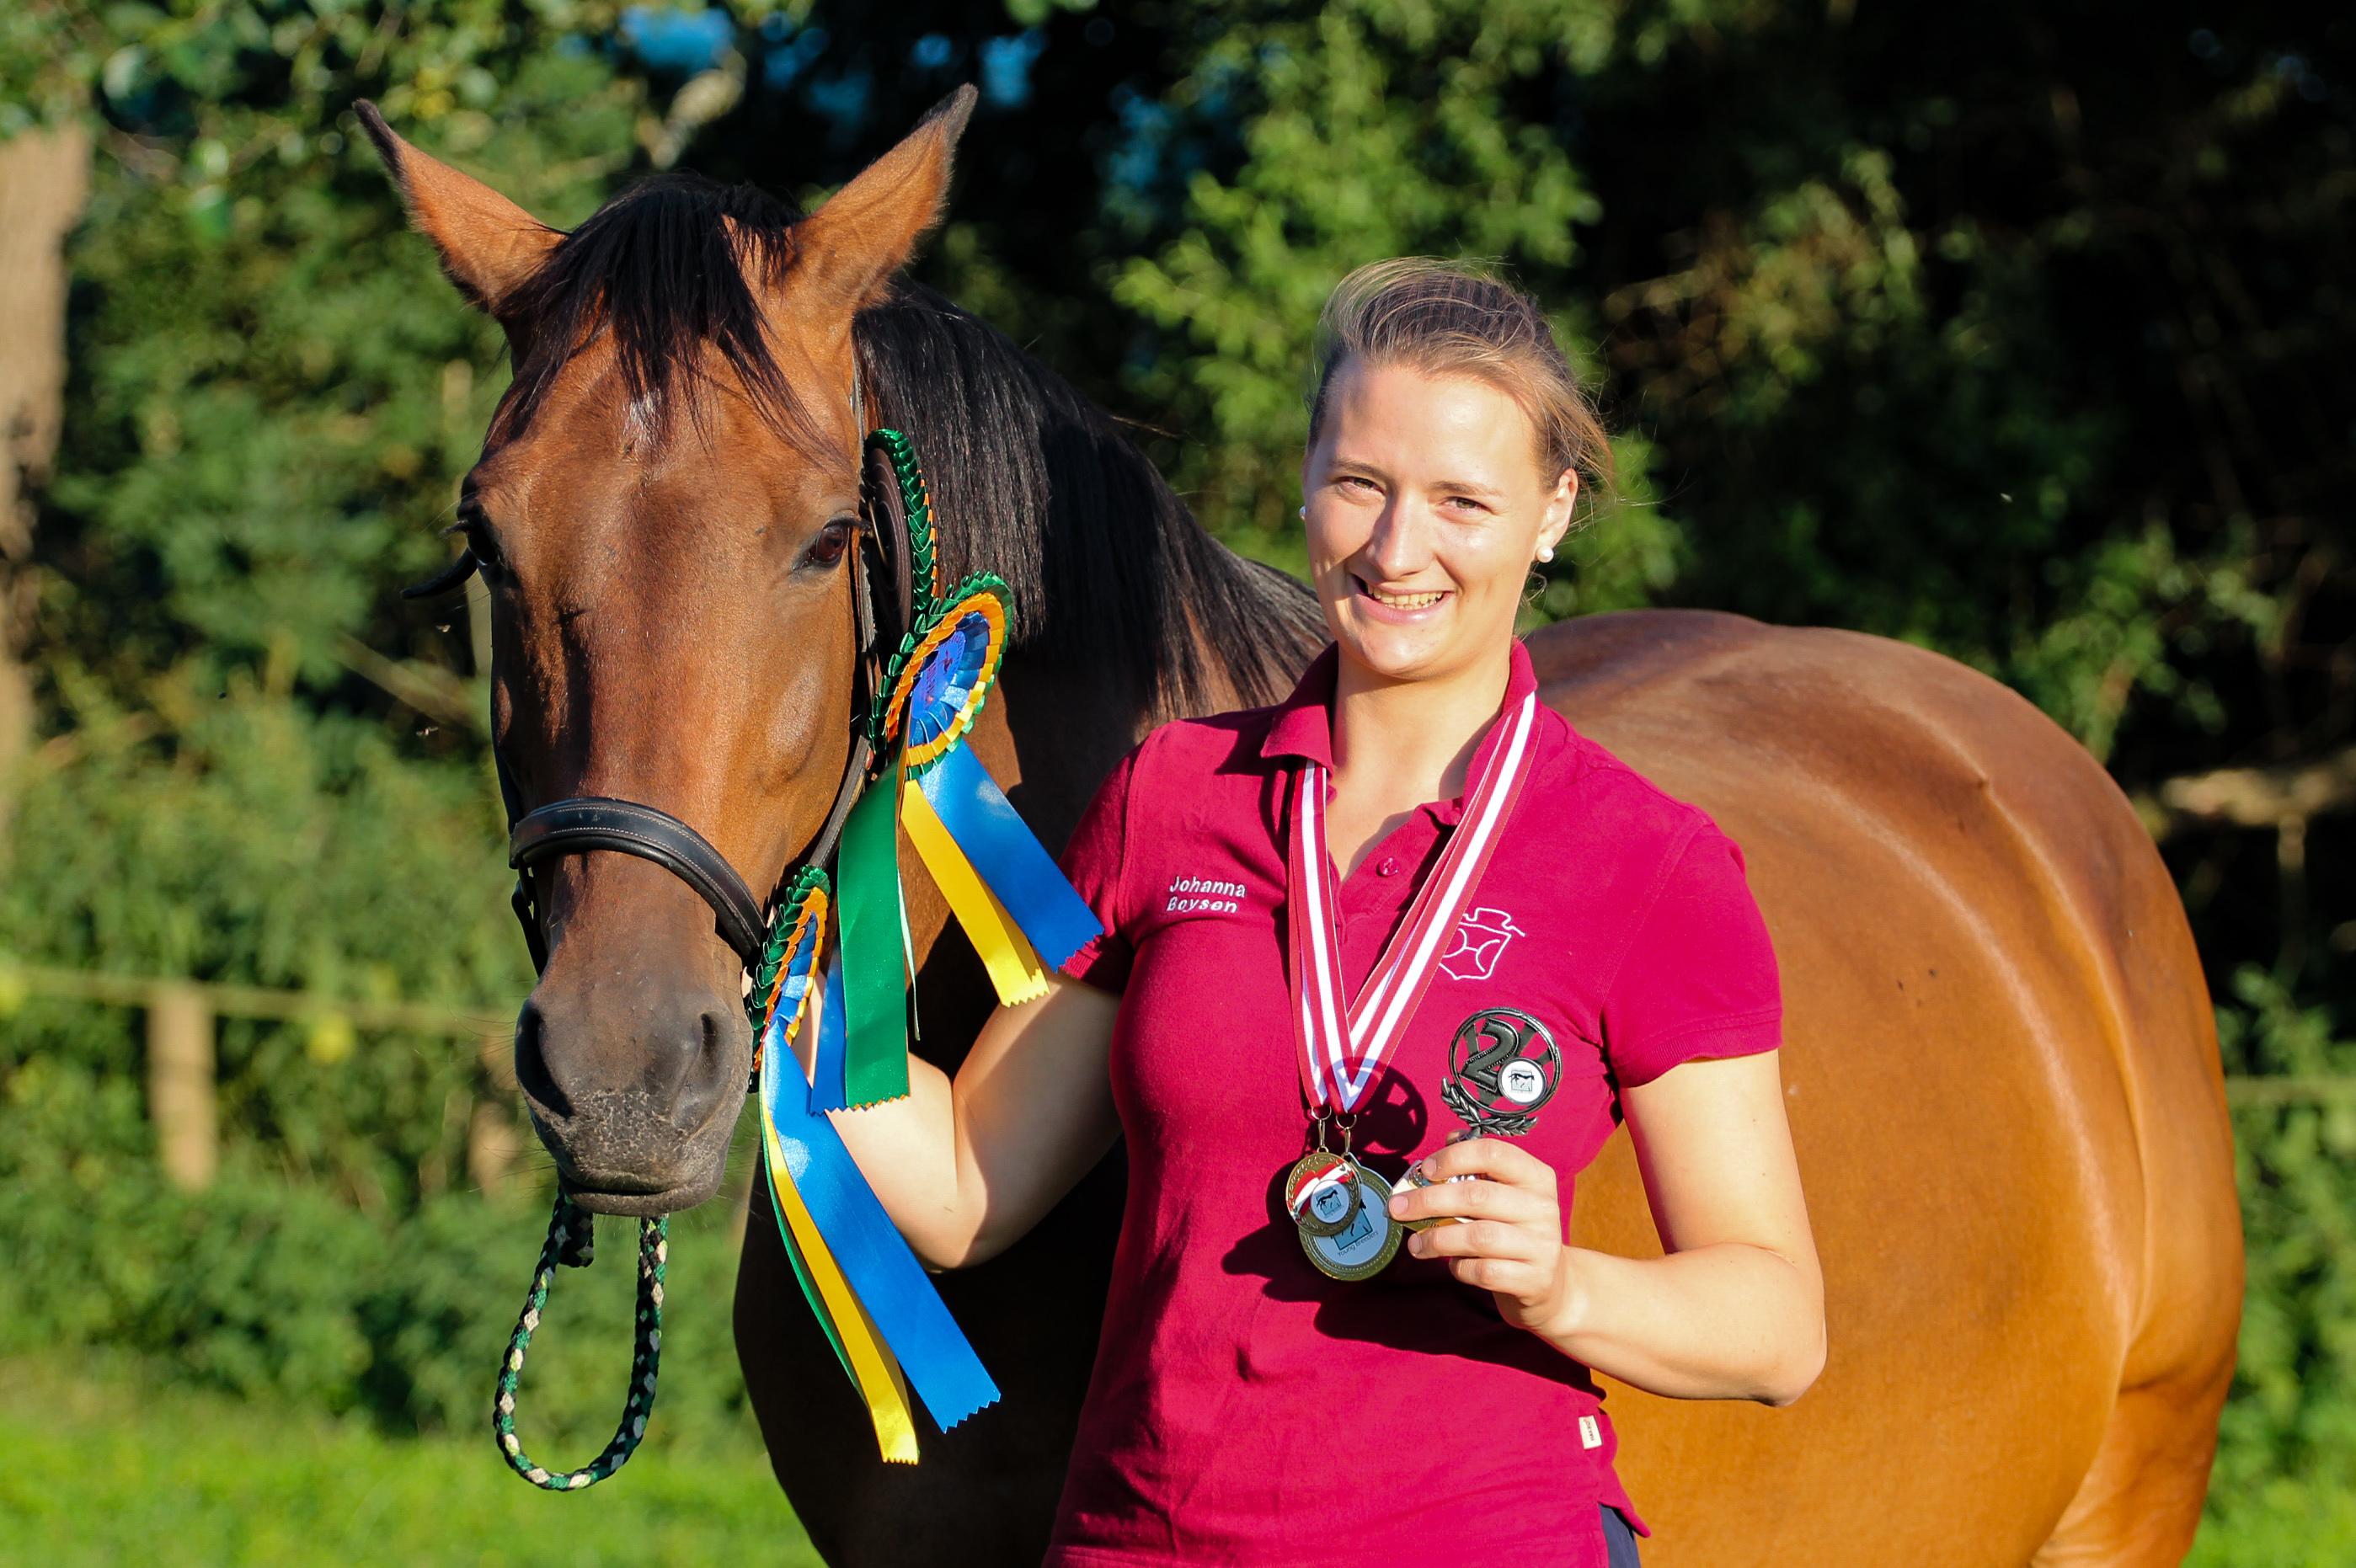 Johanna Boysen und ihre Holsteiner Stute Urte mit Schleifen, Medaillen und Pokal aus Stadl-Paura. Foto: Gottmann